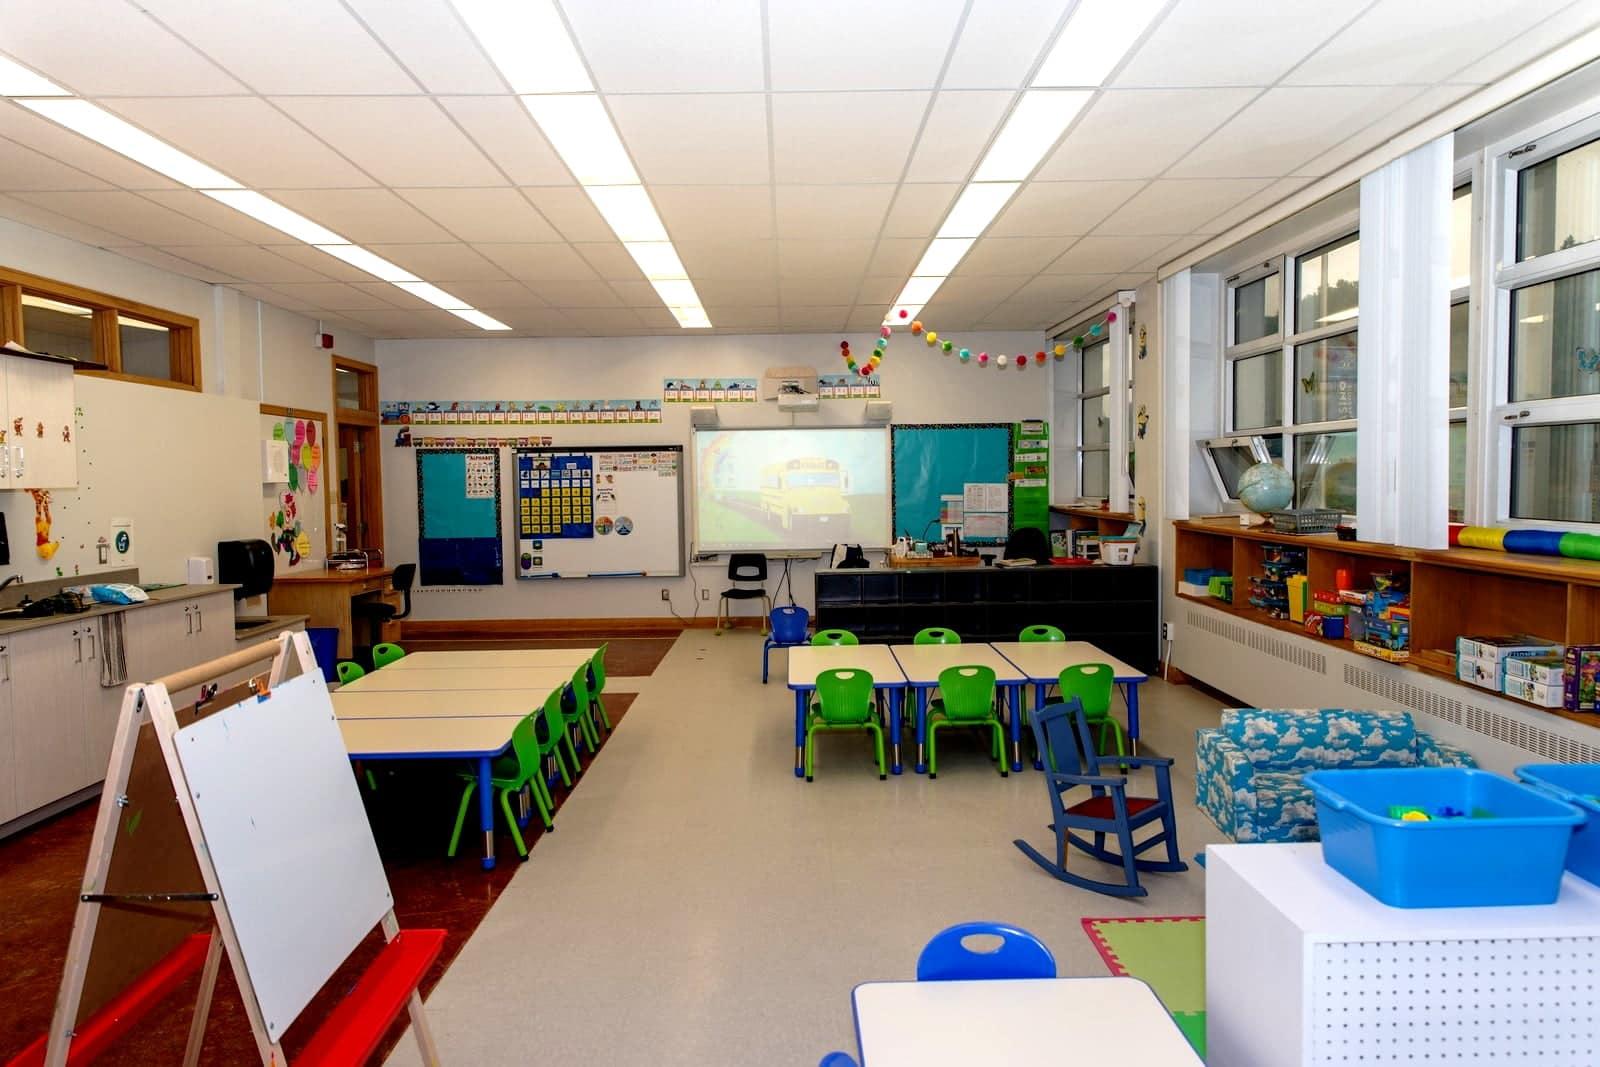 École-Marguerite-d-Youville-Nouveaux-aménagements-intérieurs-Photo-03